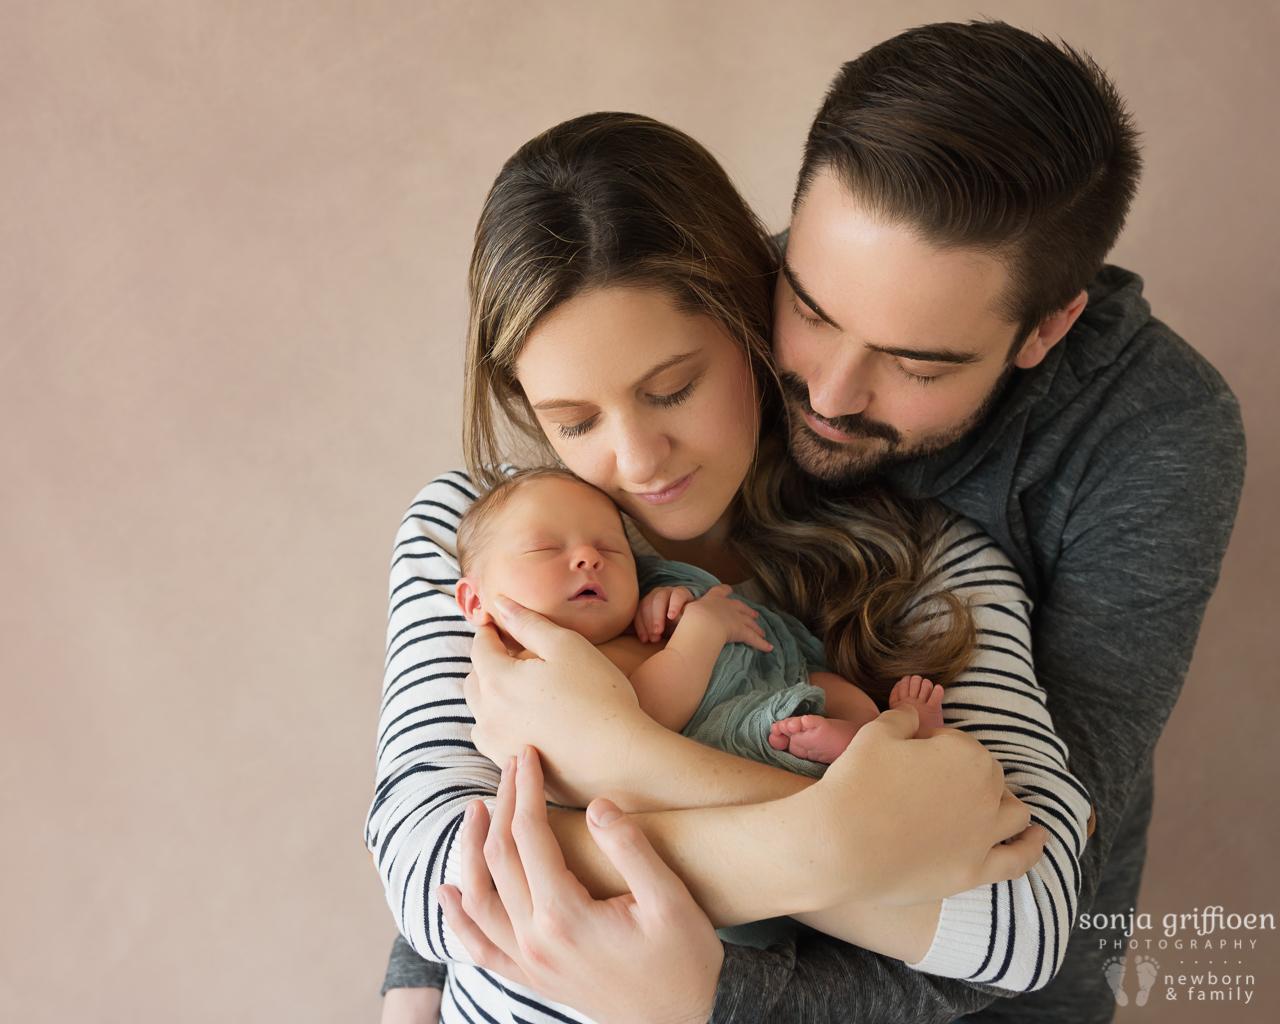 Isabelle-Newborn-Brisbane-Newborn-Photographer-Sonja-Griffioen-02.jpg